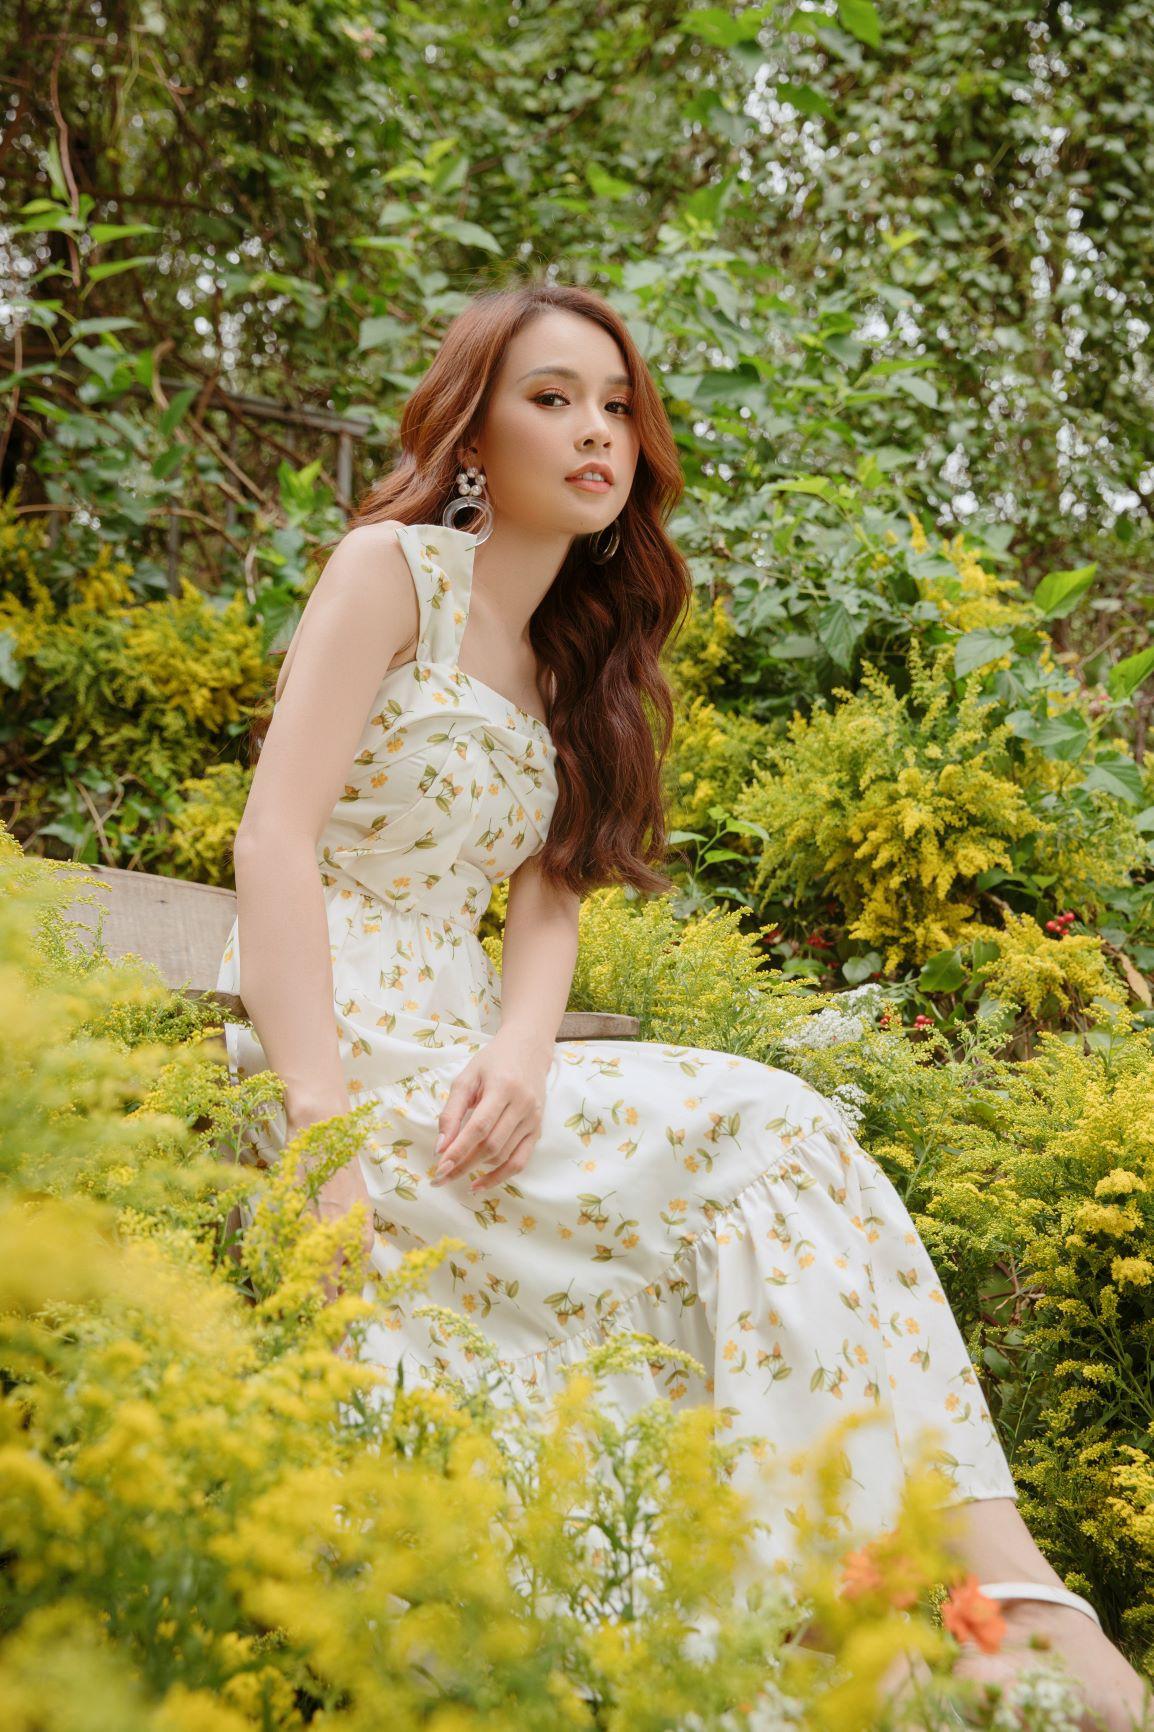 Cùng Sam đón mùa thu dịu dàng bằng những mẫu váy đẹp đến nao lòng - Ảnh 1.